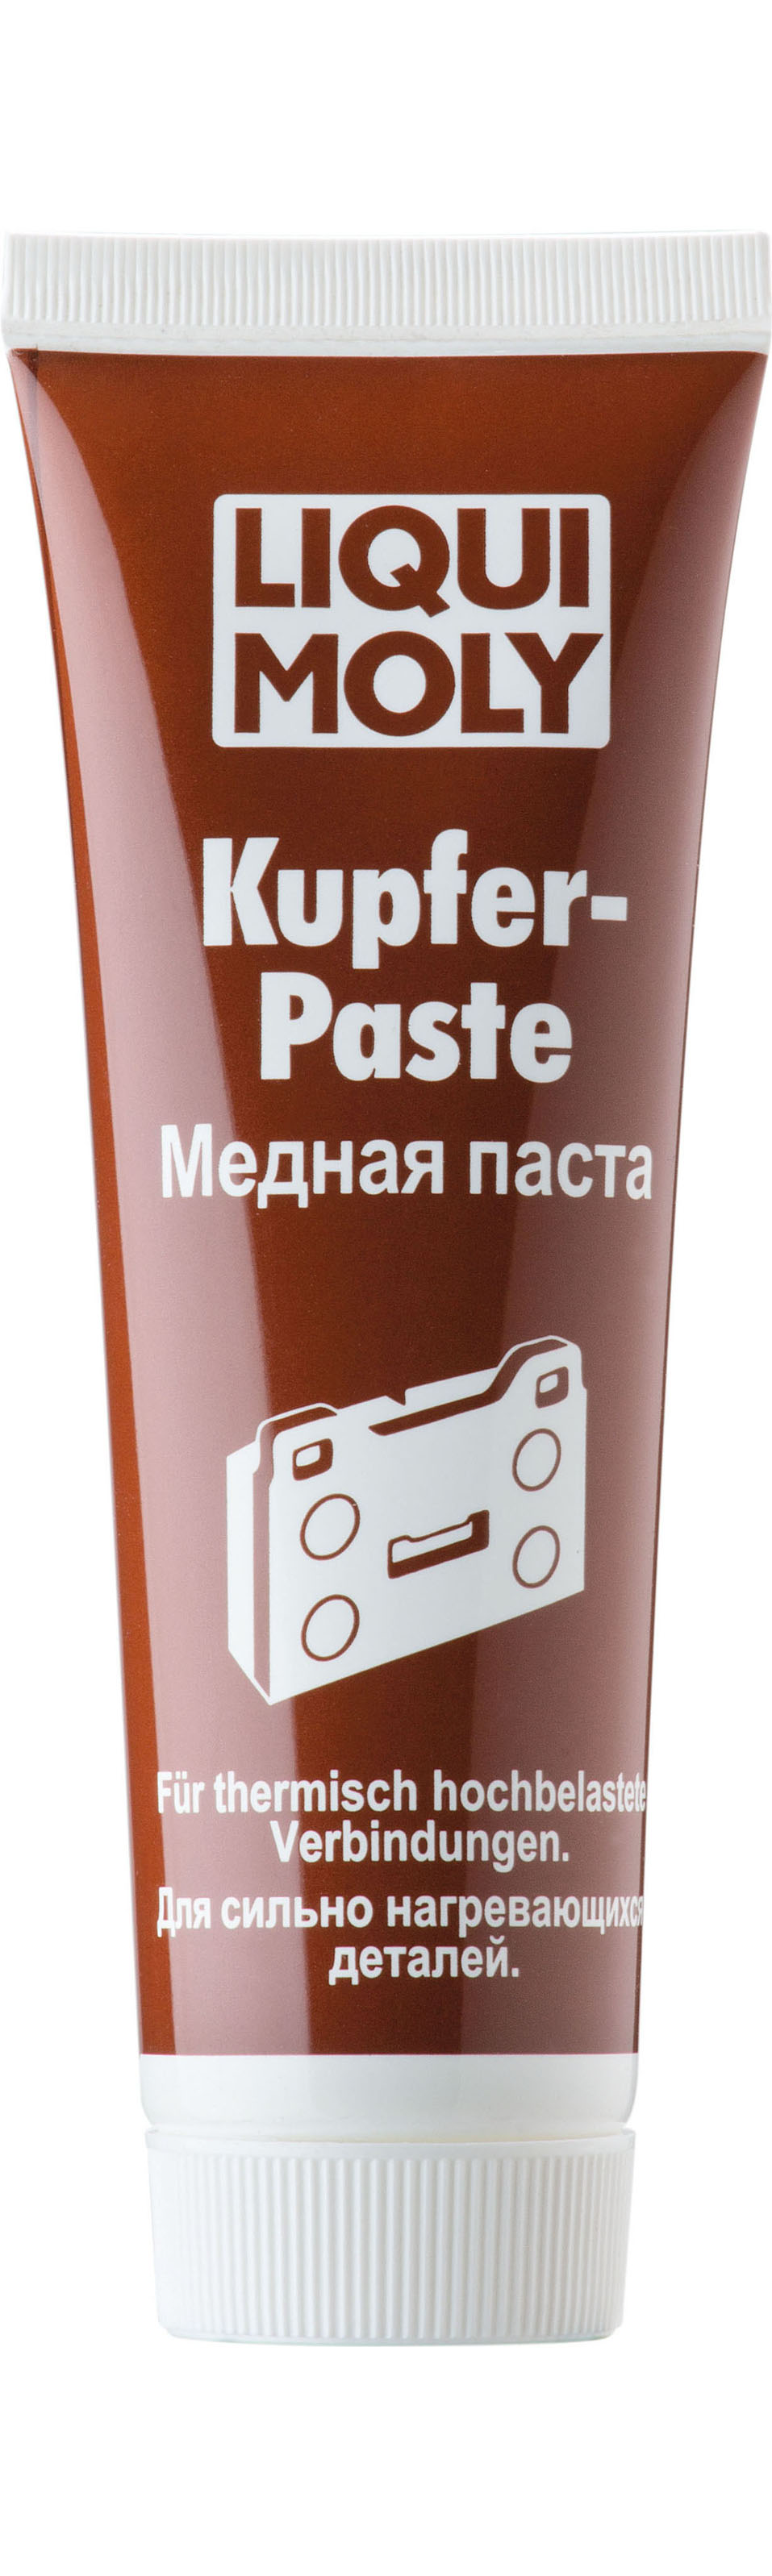 Медная паста Kupfer-Paste